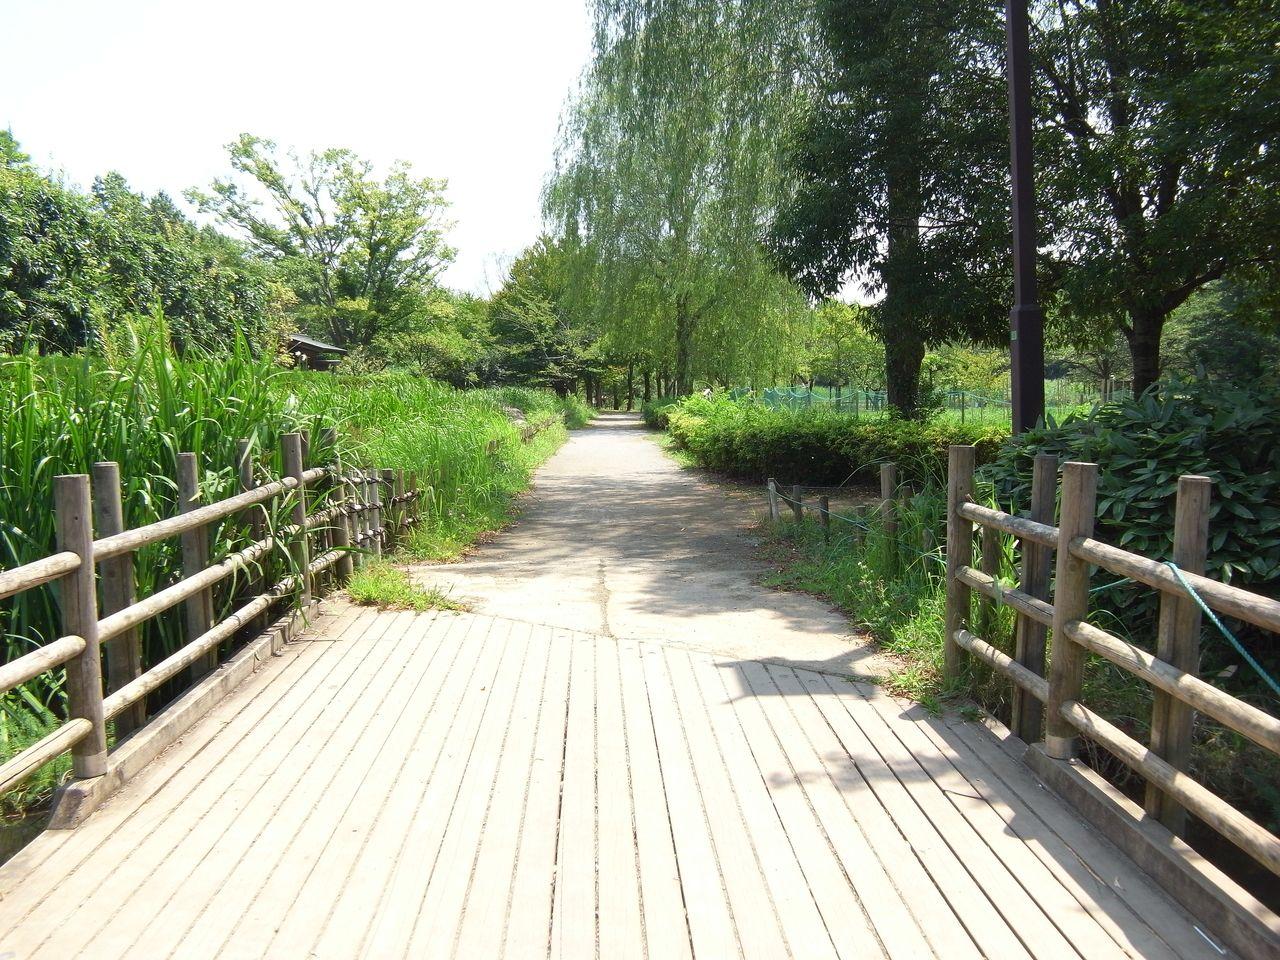 この先左側には 千葉県指定有形文化財の 「旧鴇田家住宅」があります。